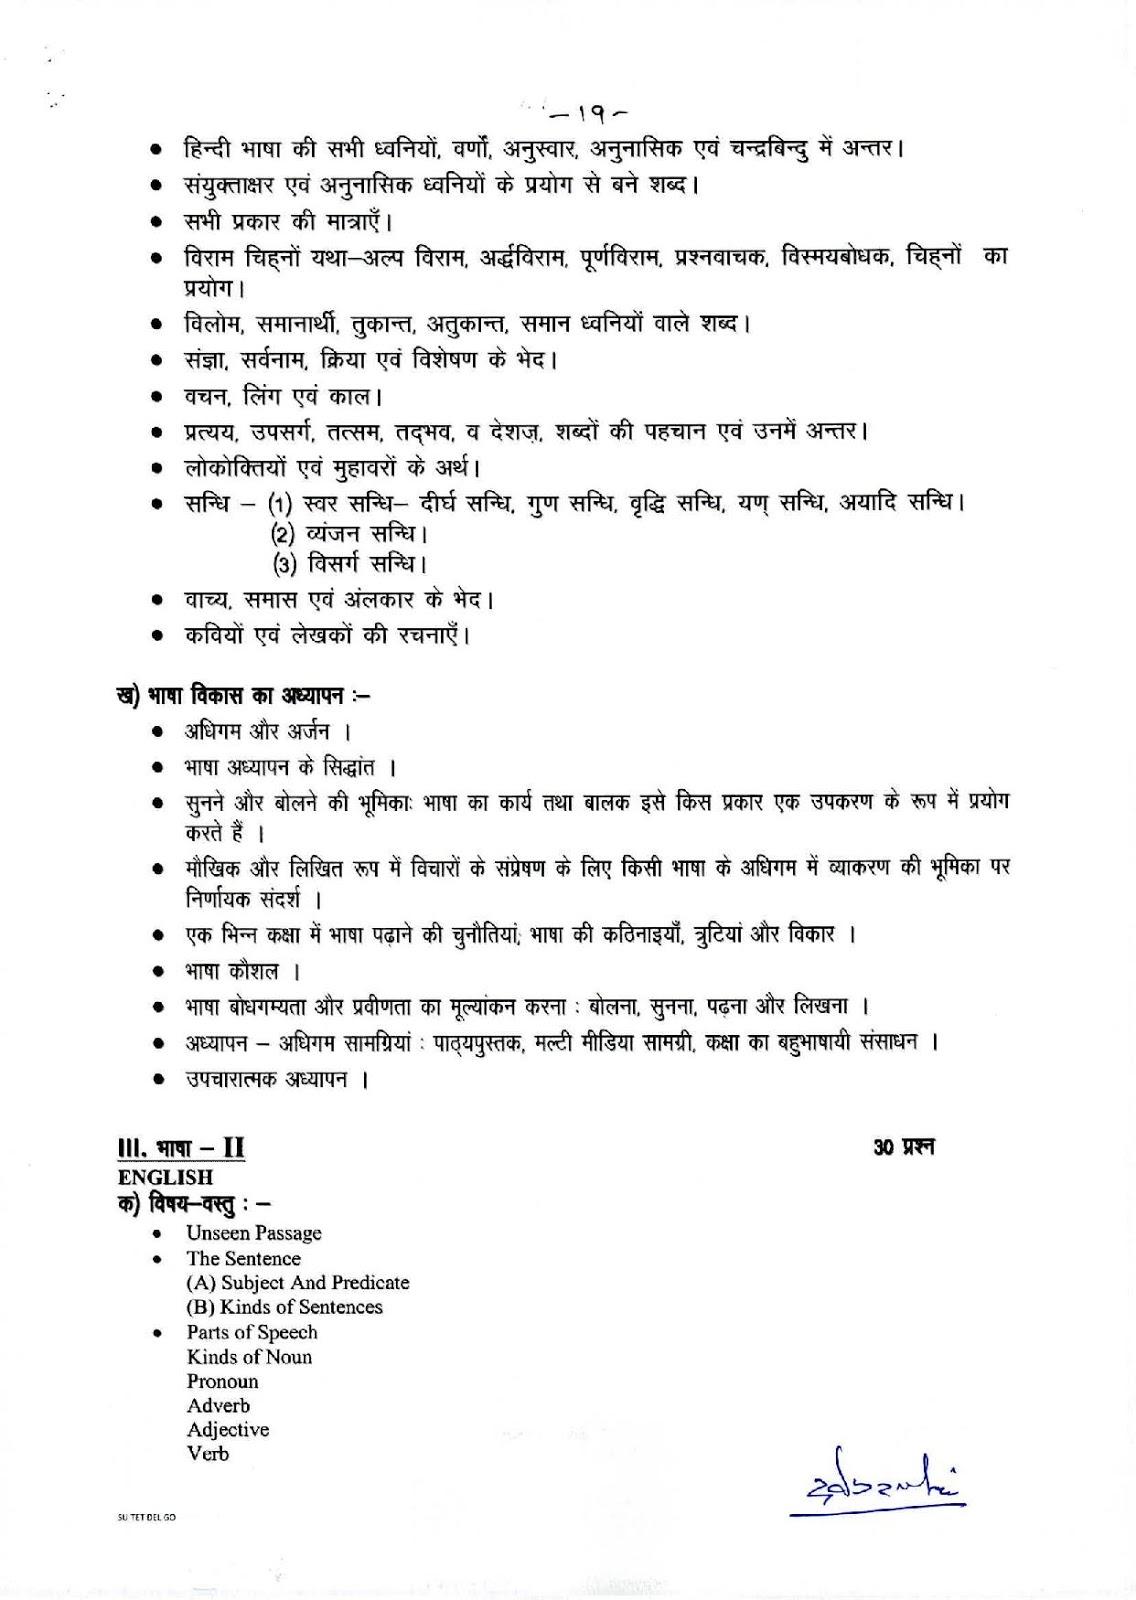 प्राथमिक स्तर पेपर-I (कक्षा 1 से 5 तक) पाठ्यक्रम देखे - 3